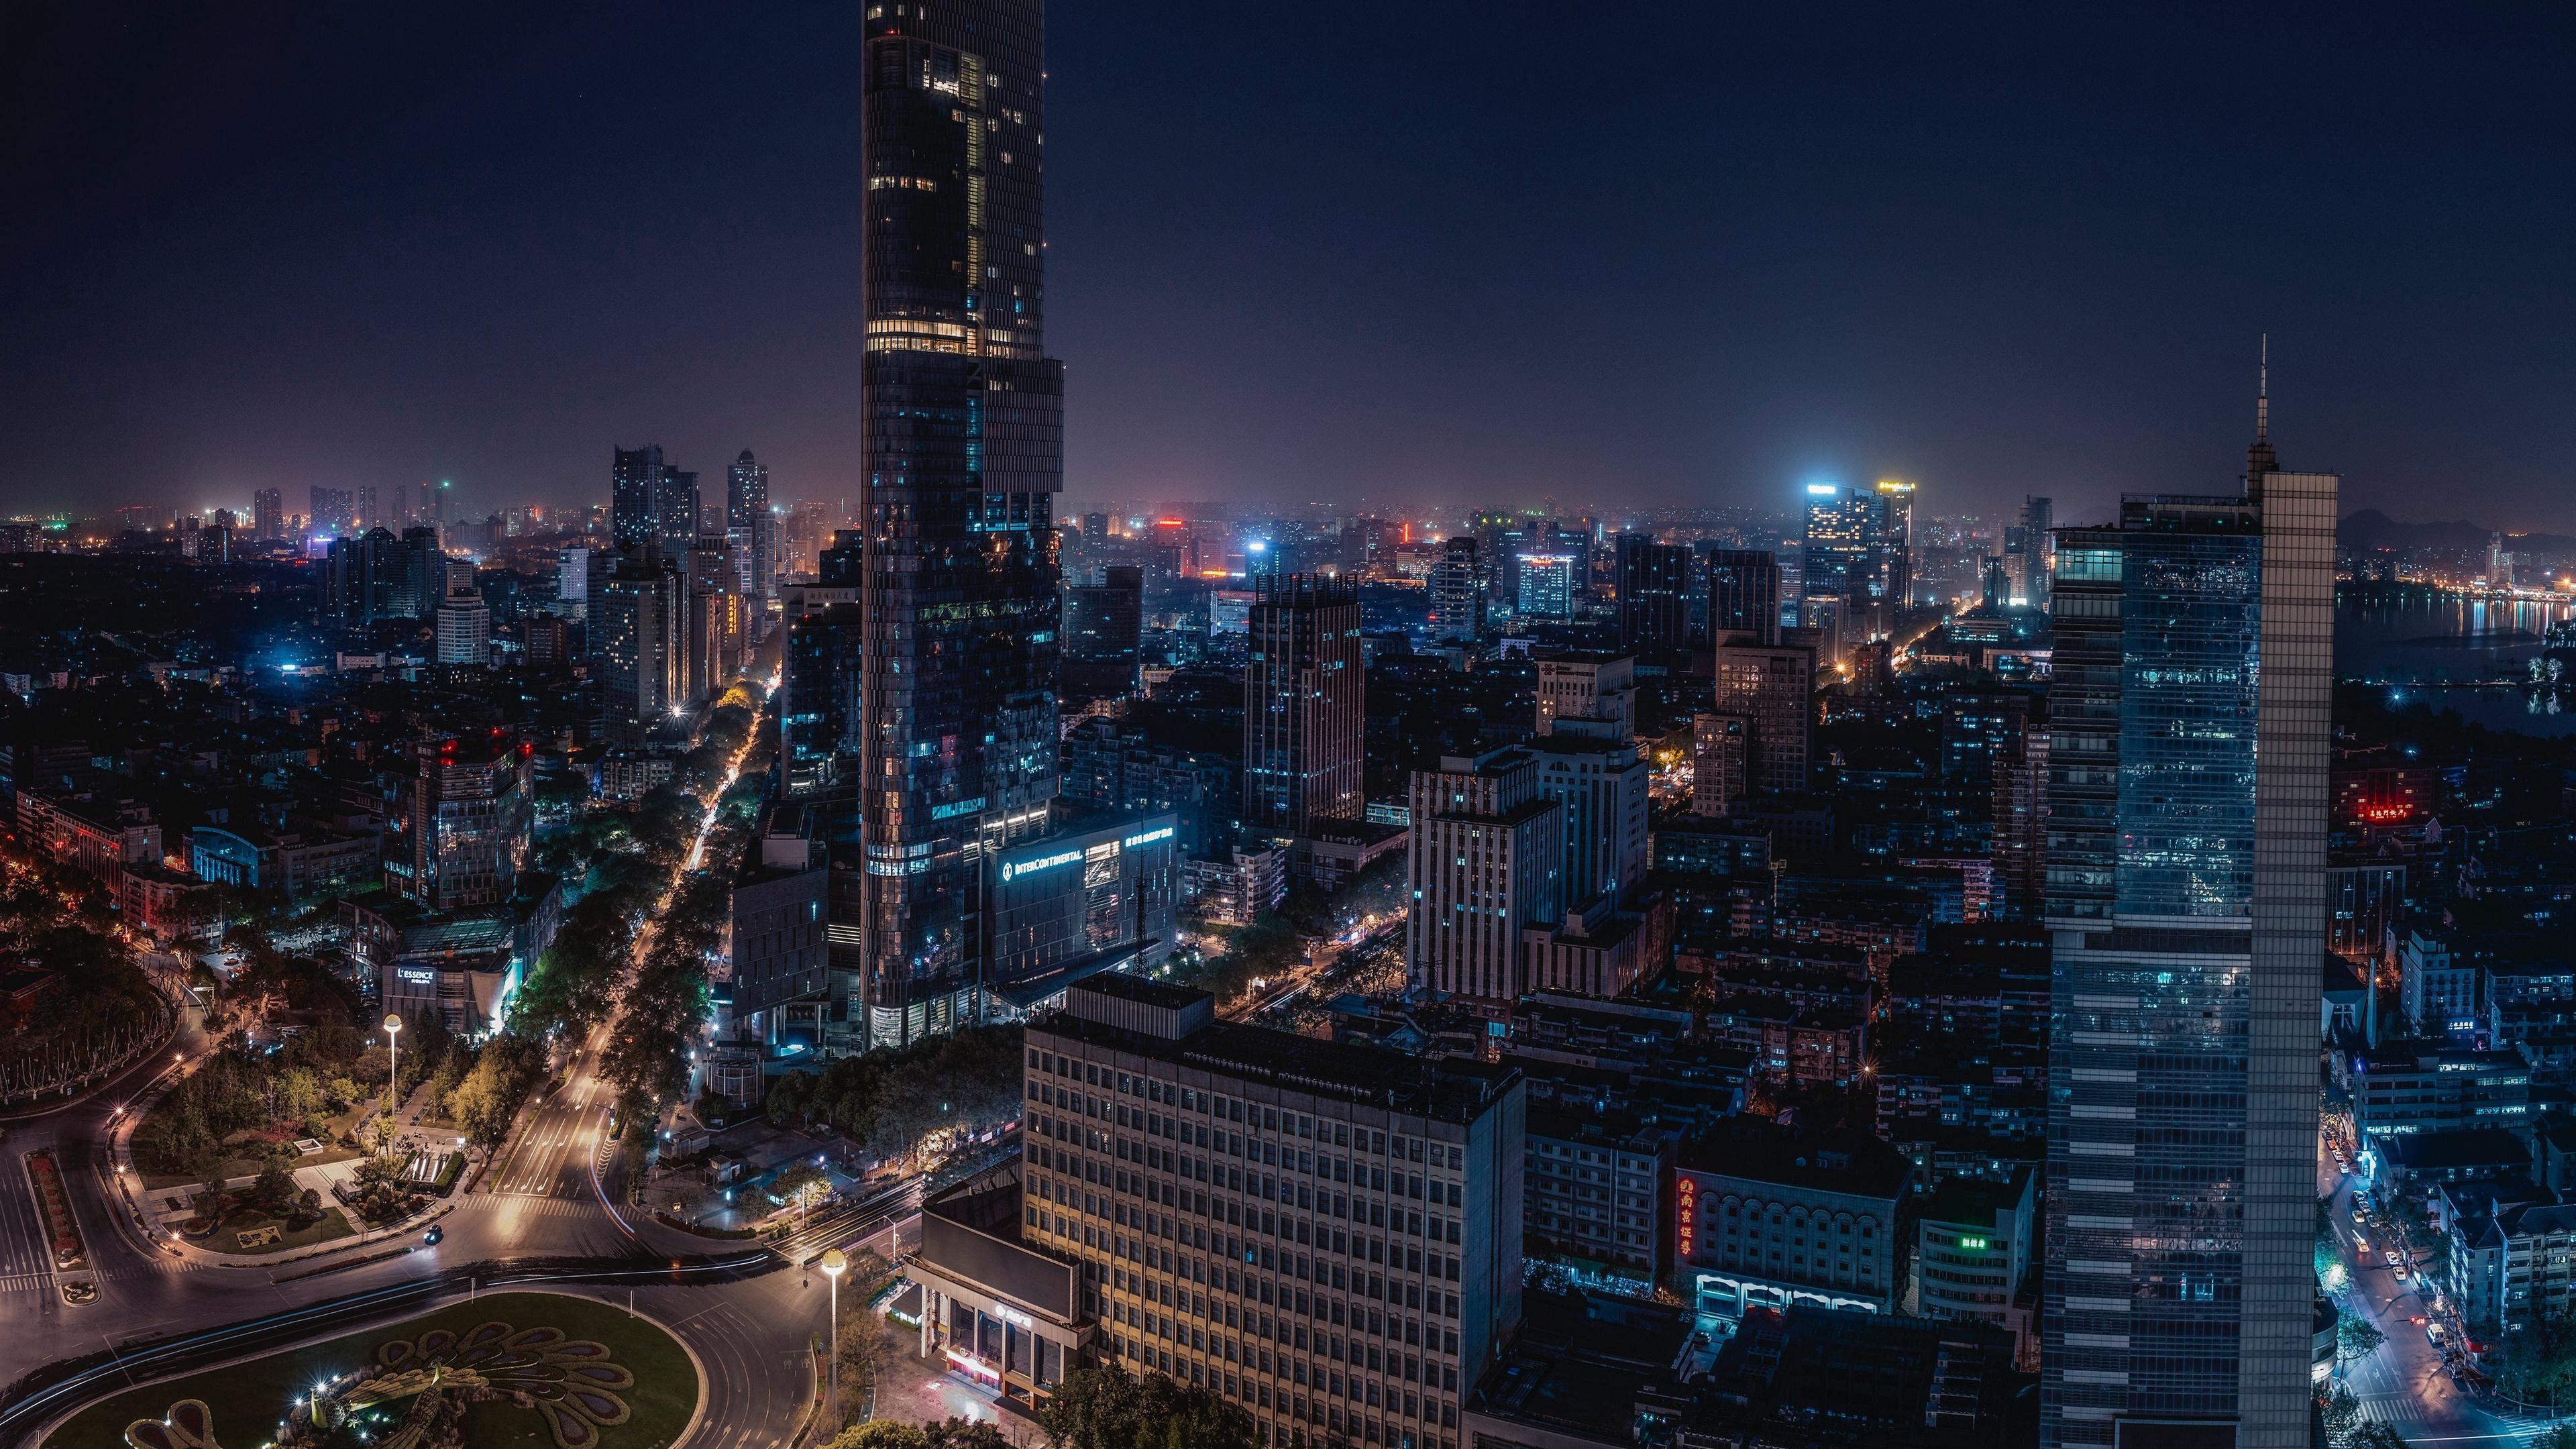 Nanjing city center at night wallpaper